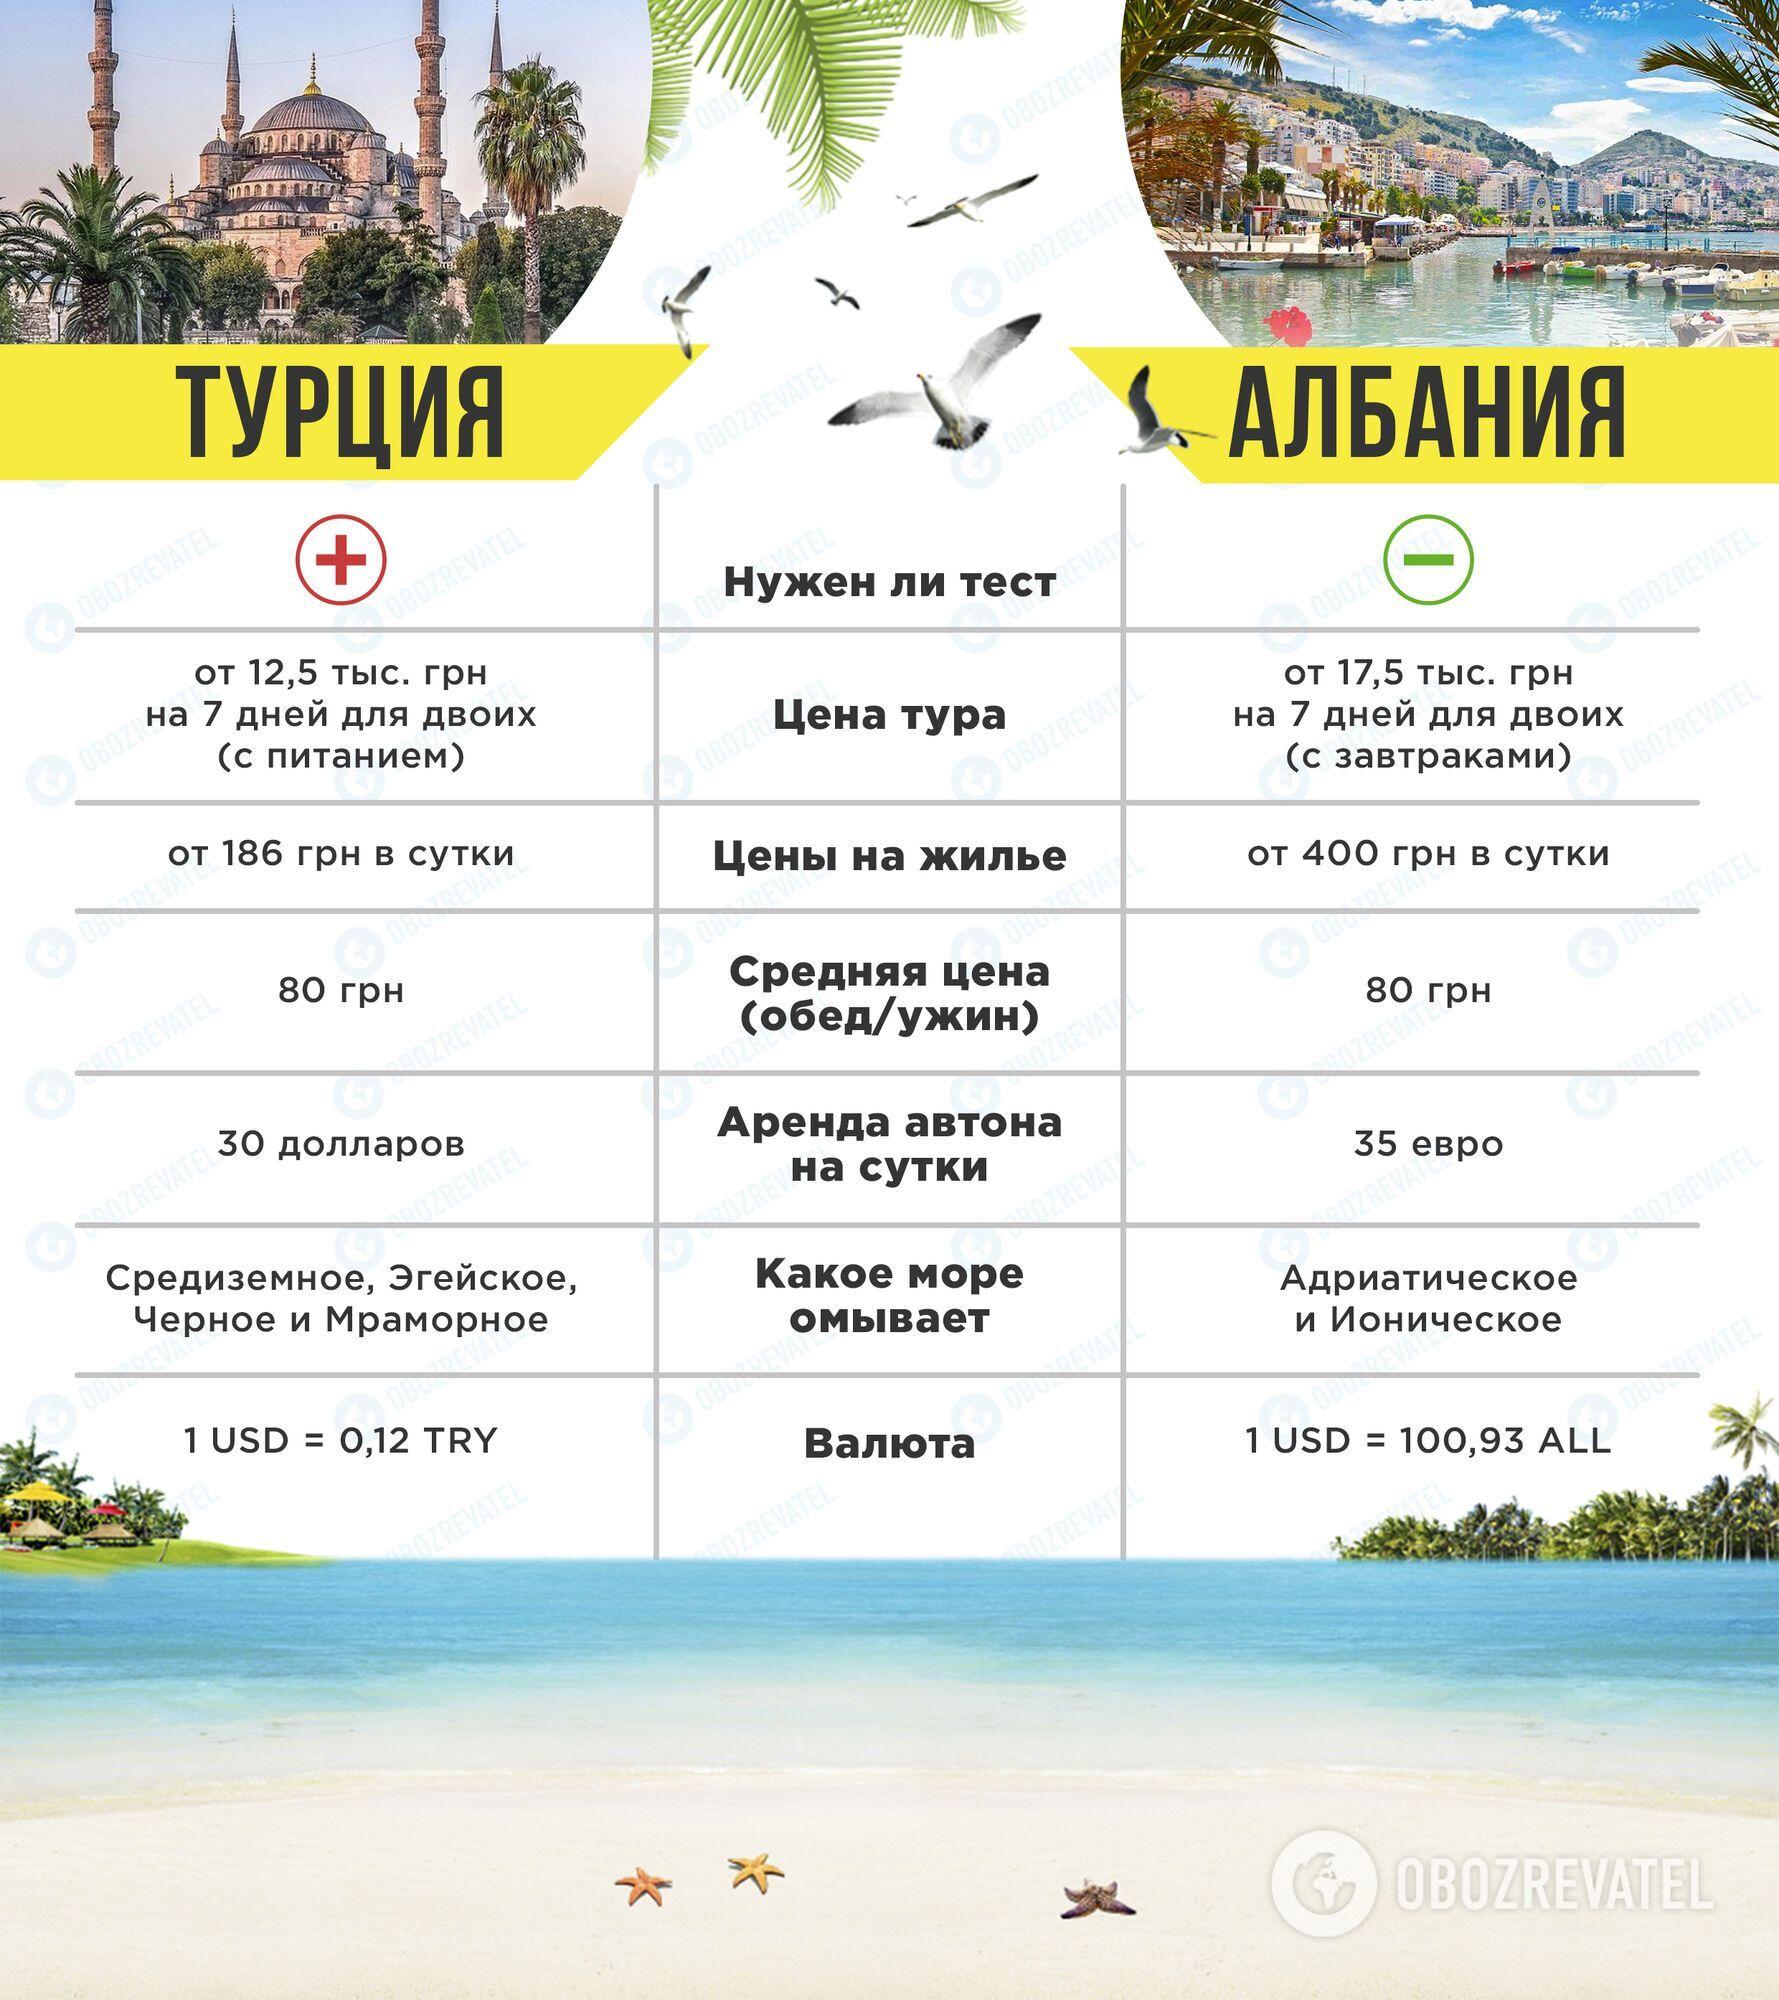 Албанія або Туреччина: куди краще поїхати, порівняння цін і пам'яток. Фото і відео